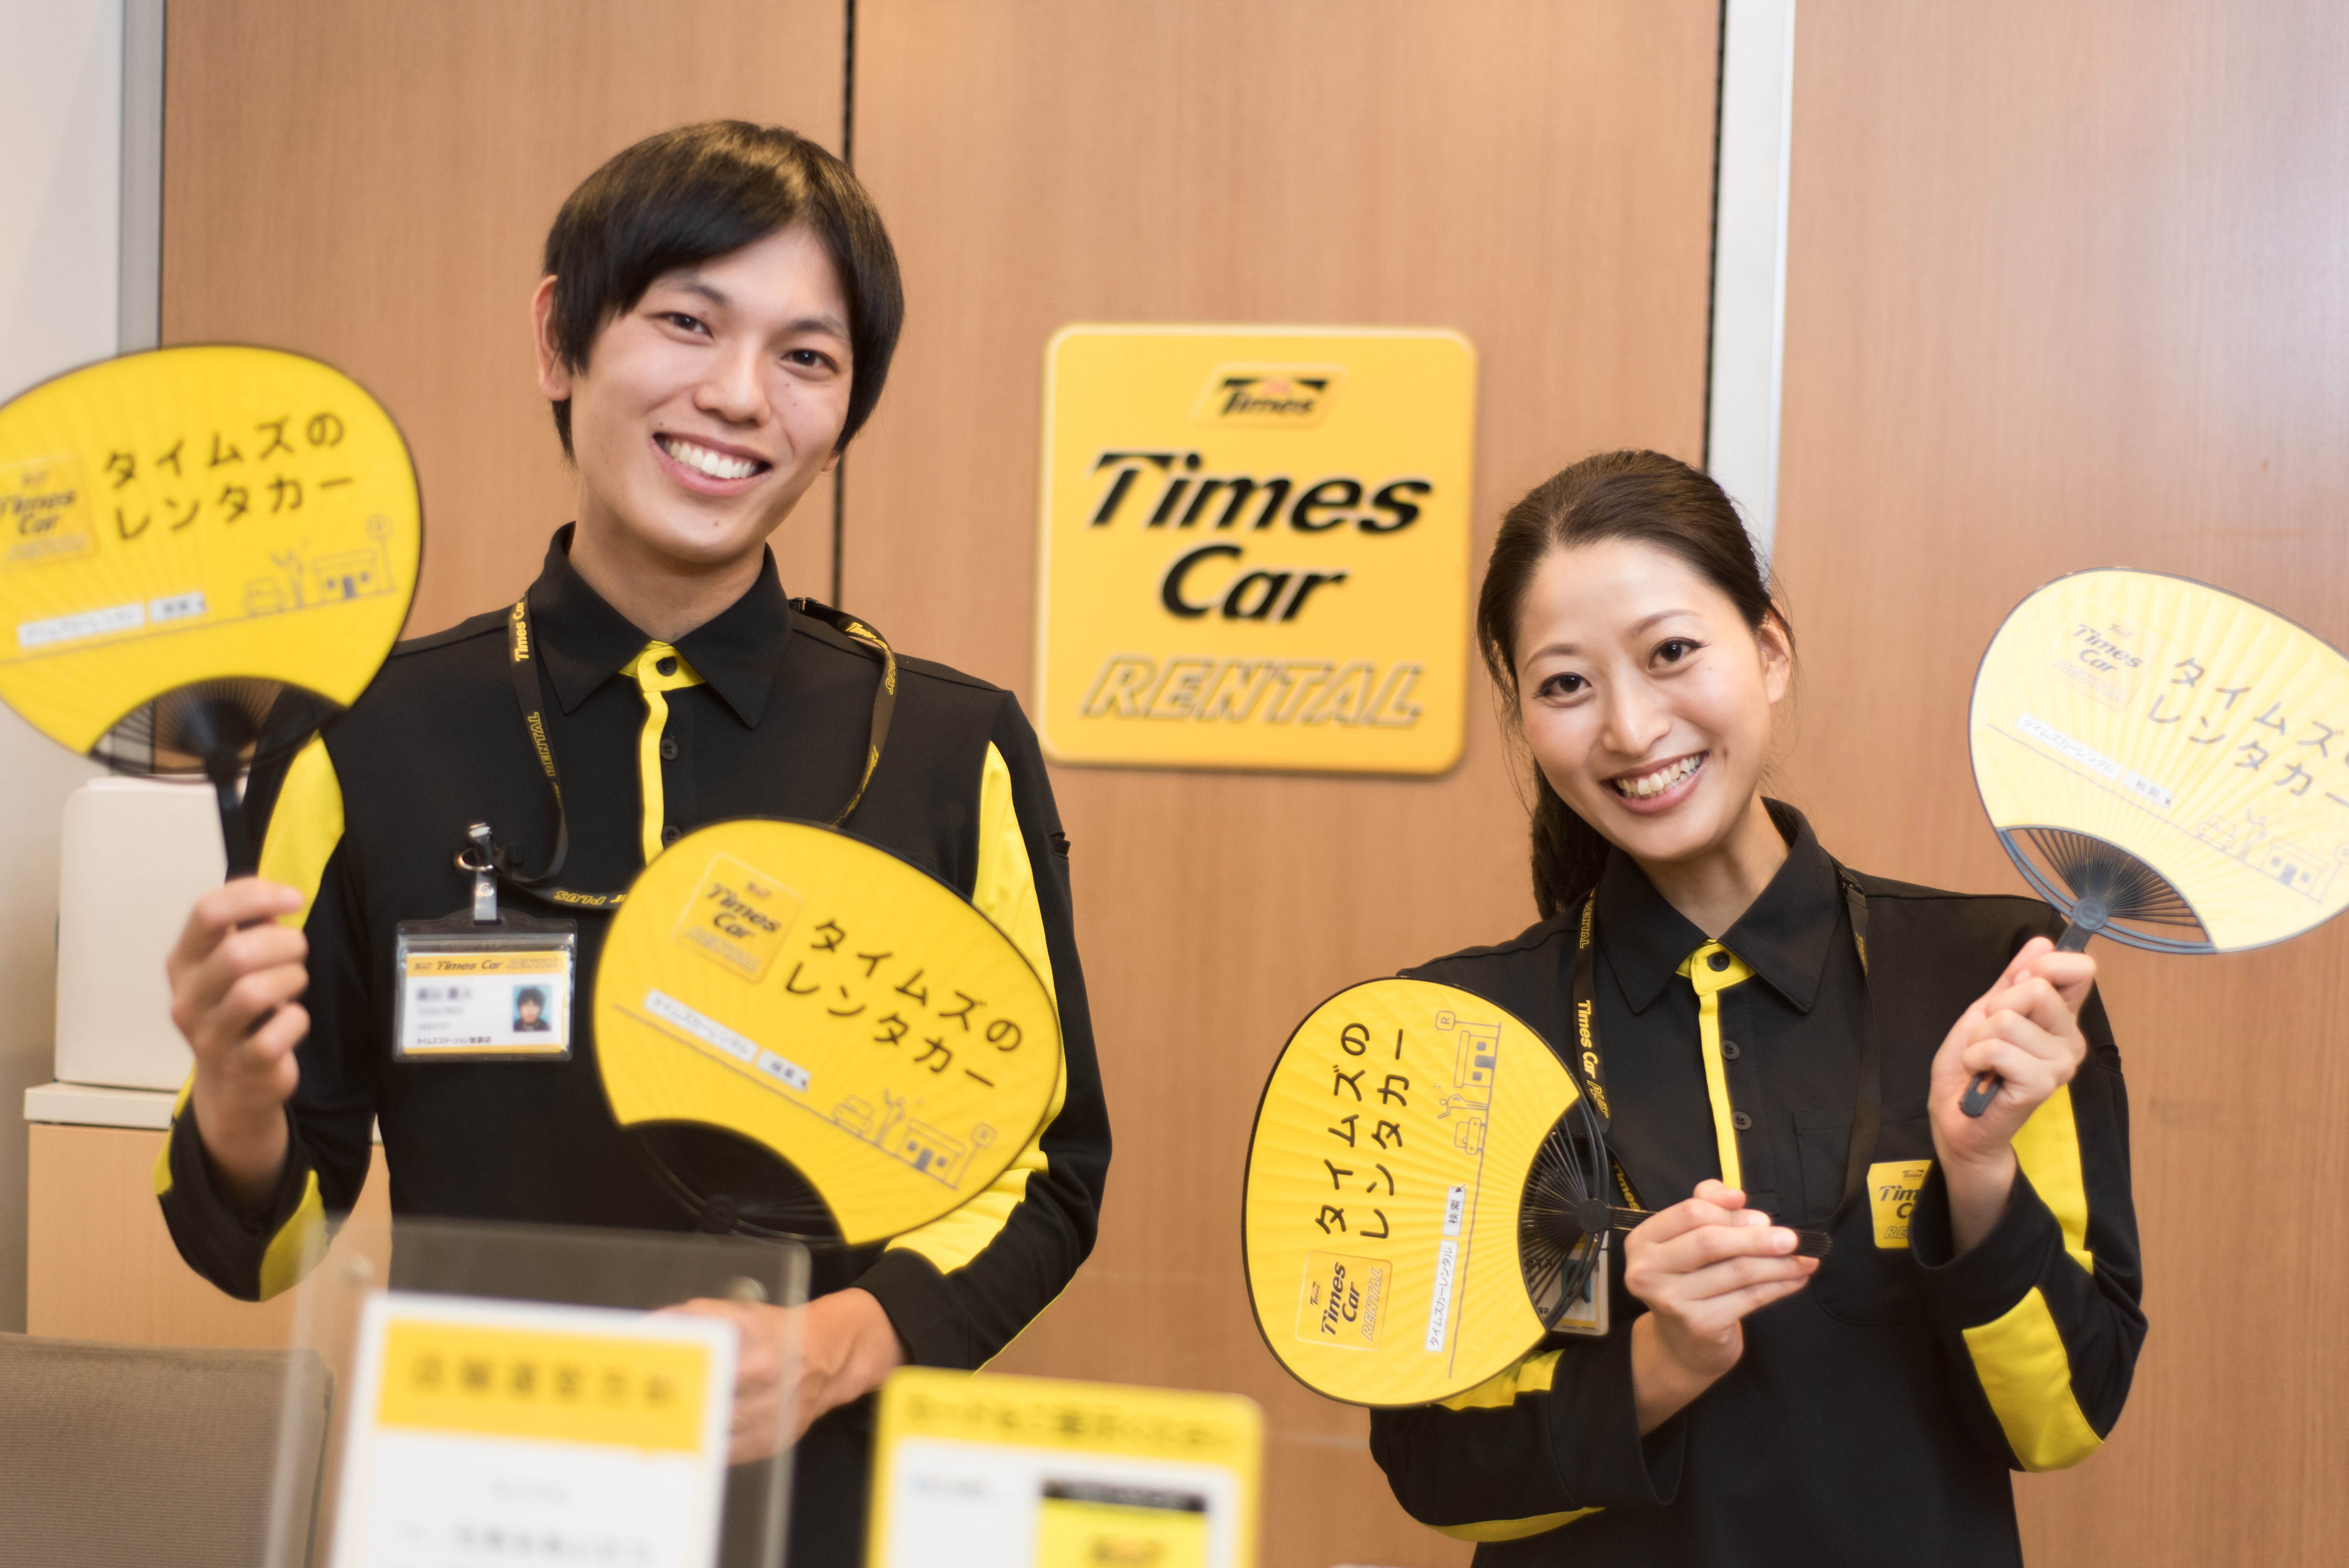 タイムズカーレンタル 宮古島店 のアルバイト情報